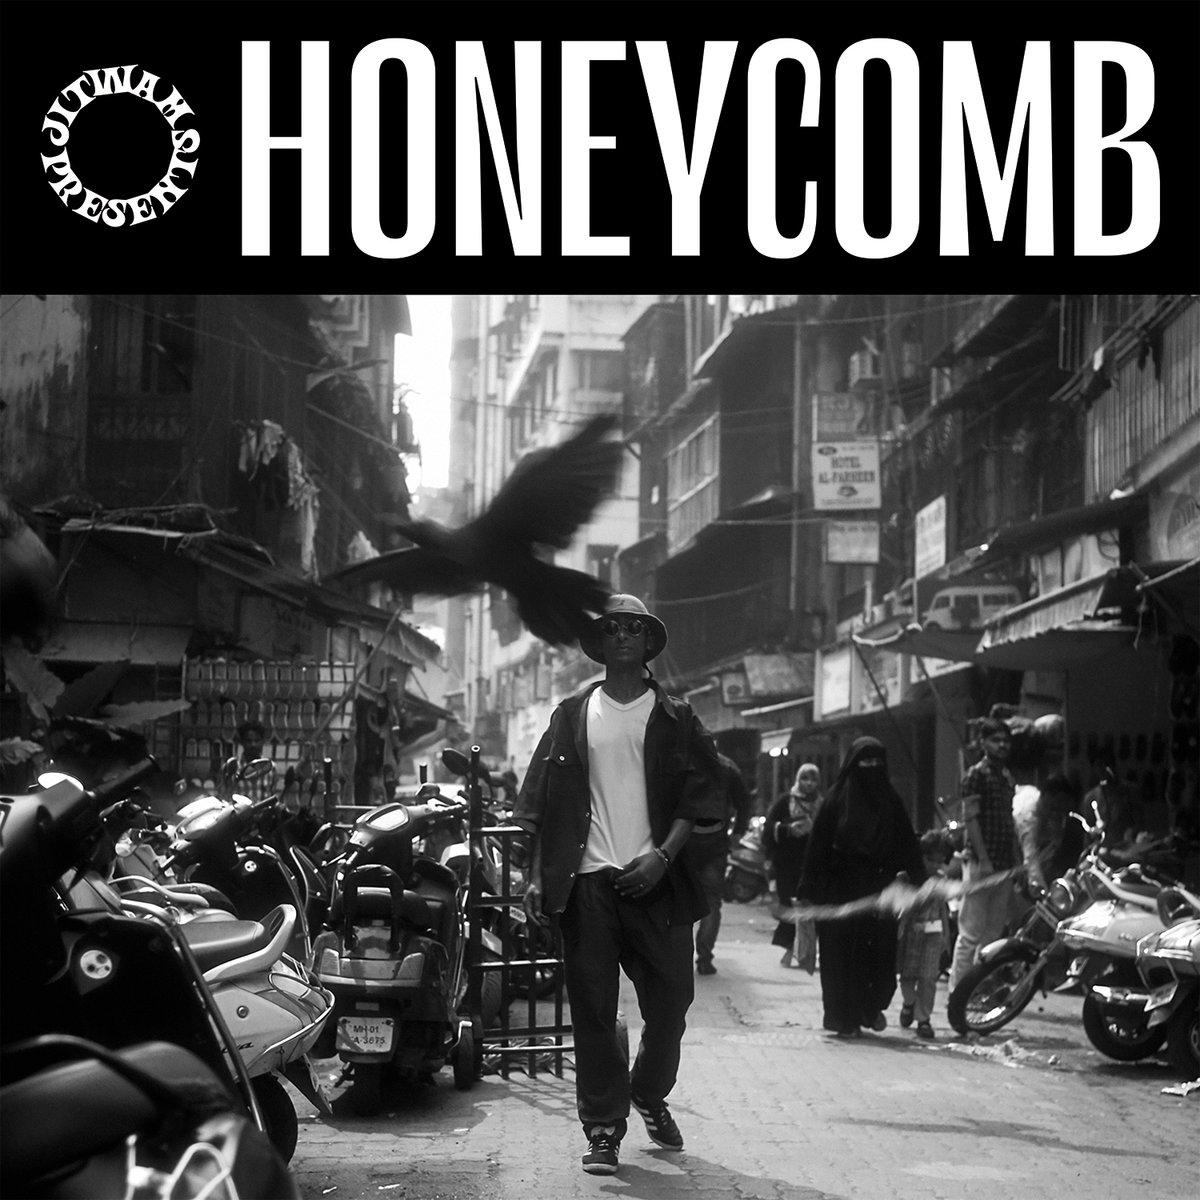 Jitwam | Honeycomb